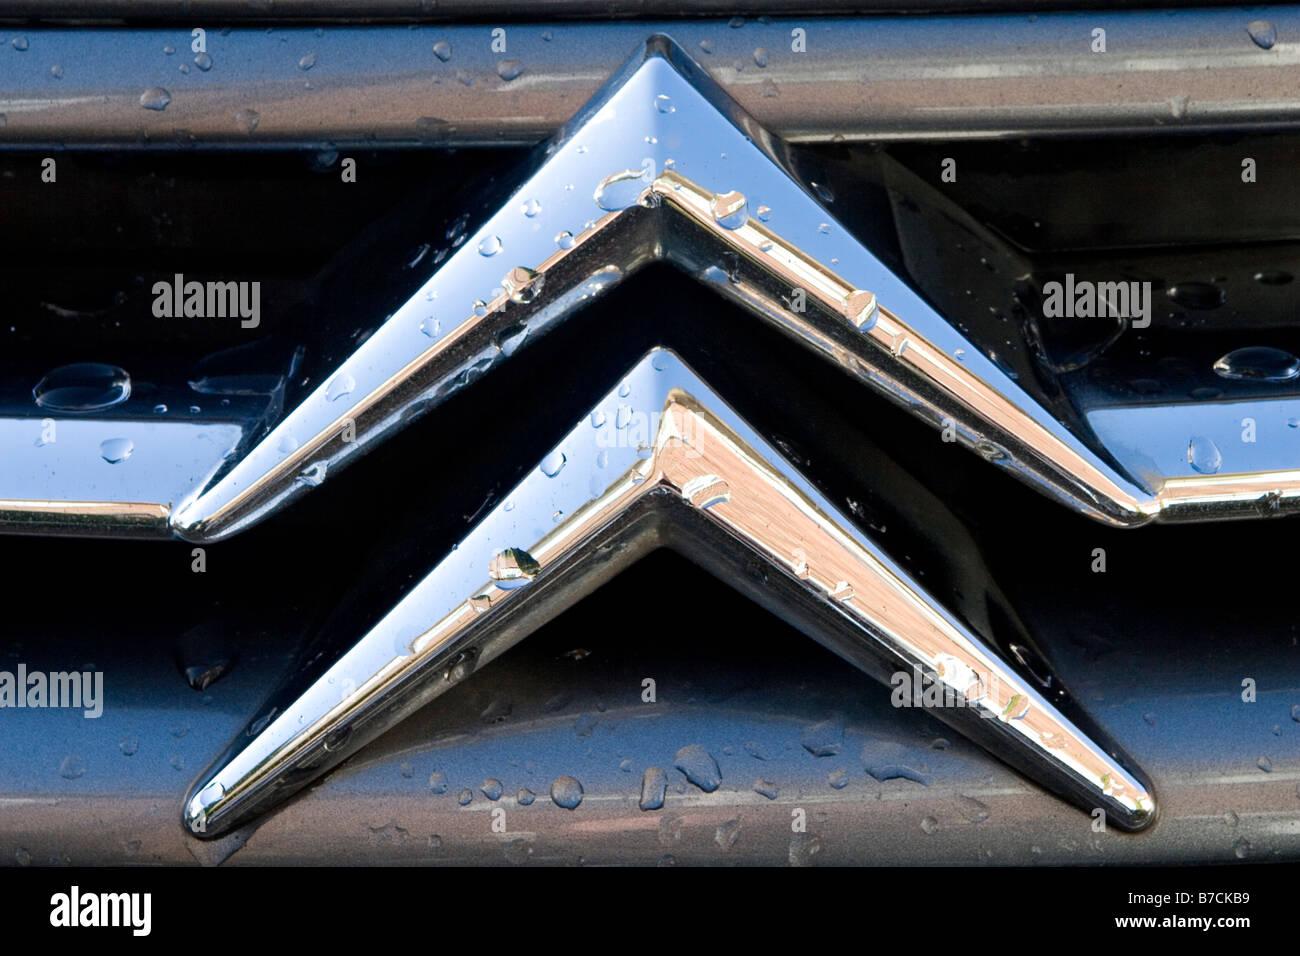 Closeup Detail of a Citreon Car Badge - Stock Image